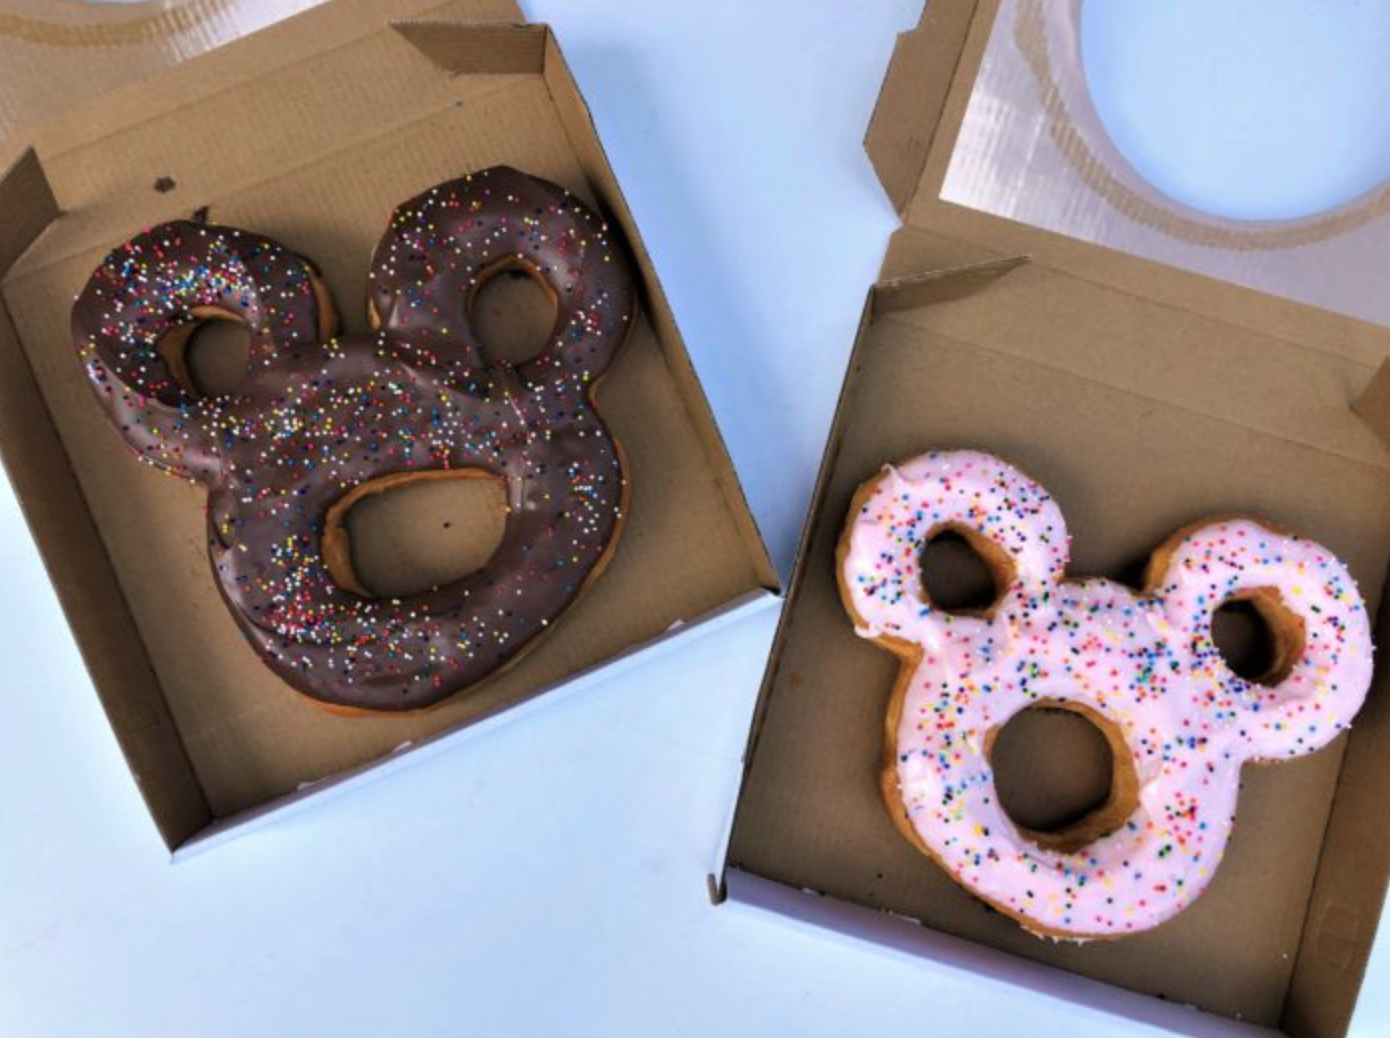 doughnut-2